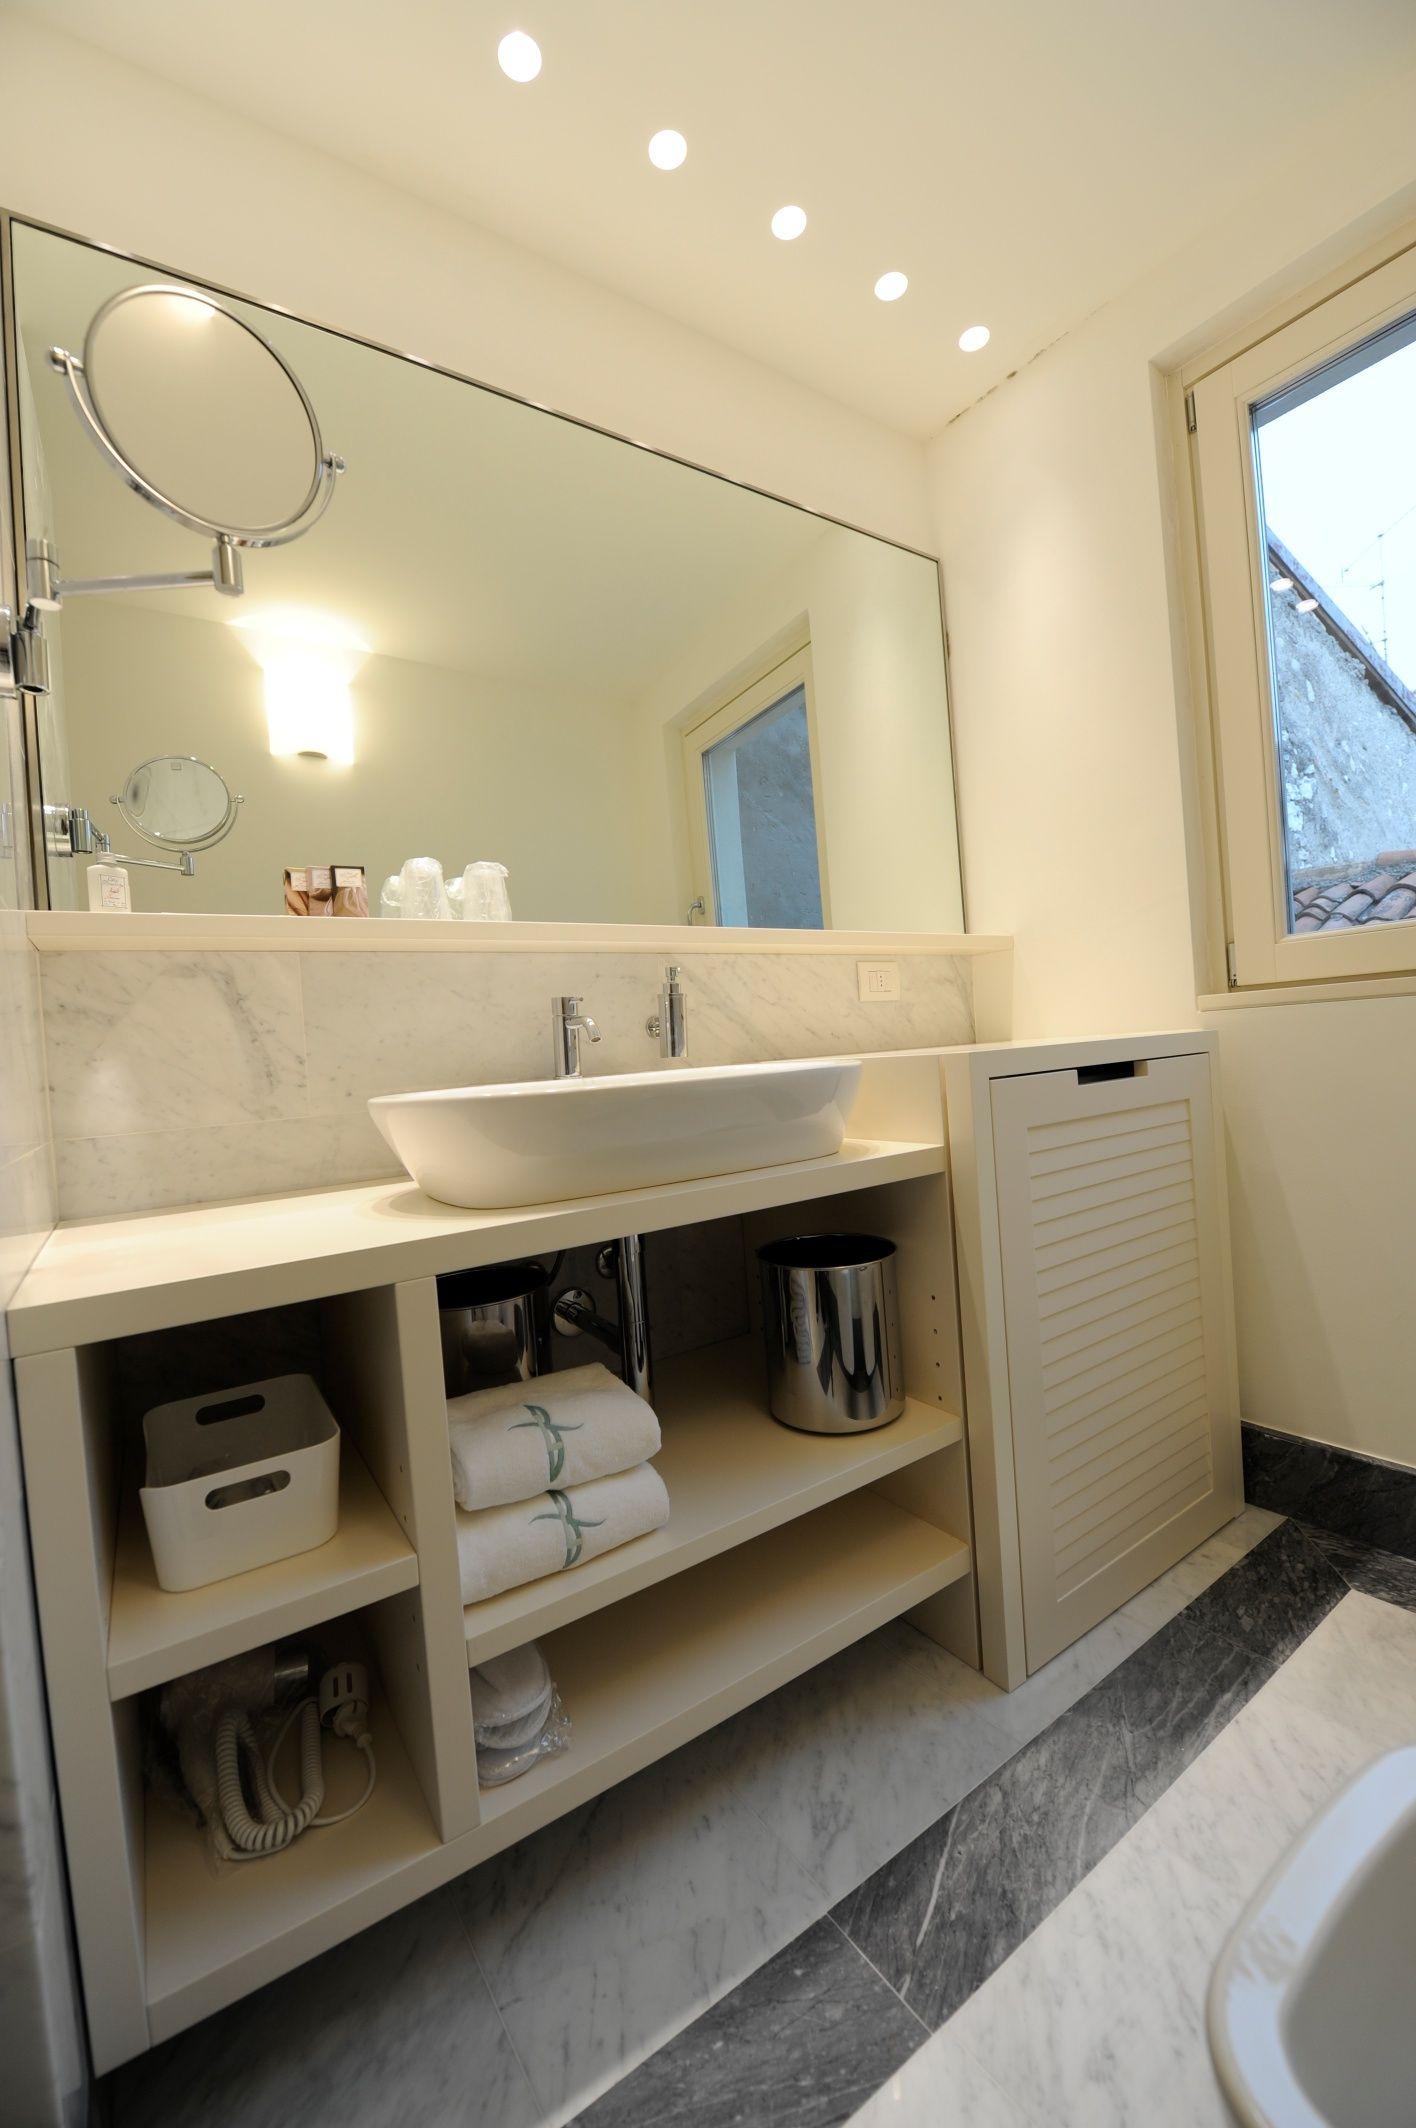 specchio bagno incassato - Cerca con Google | Idee x la casa - bagno ...